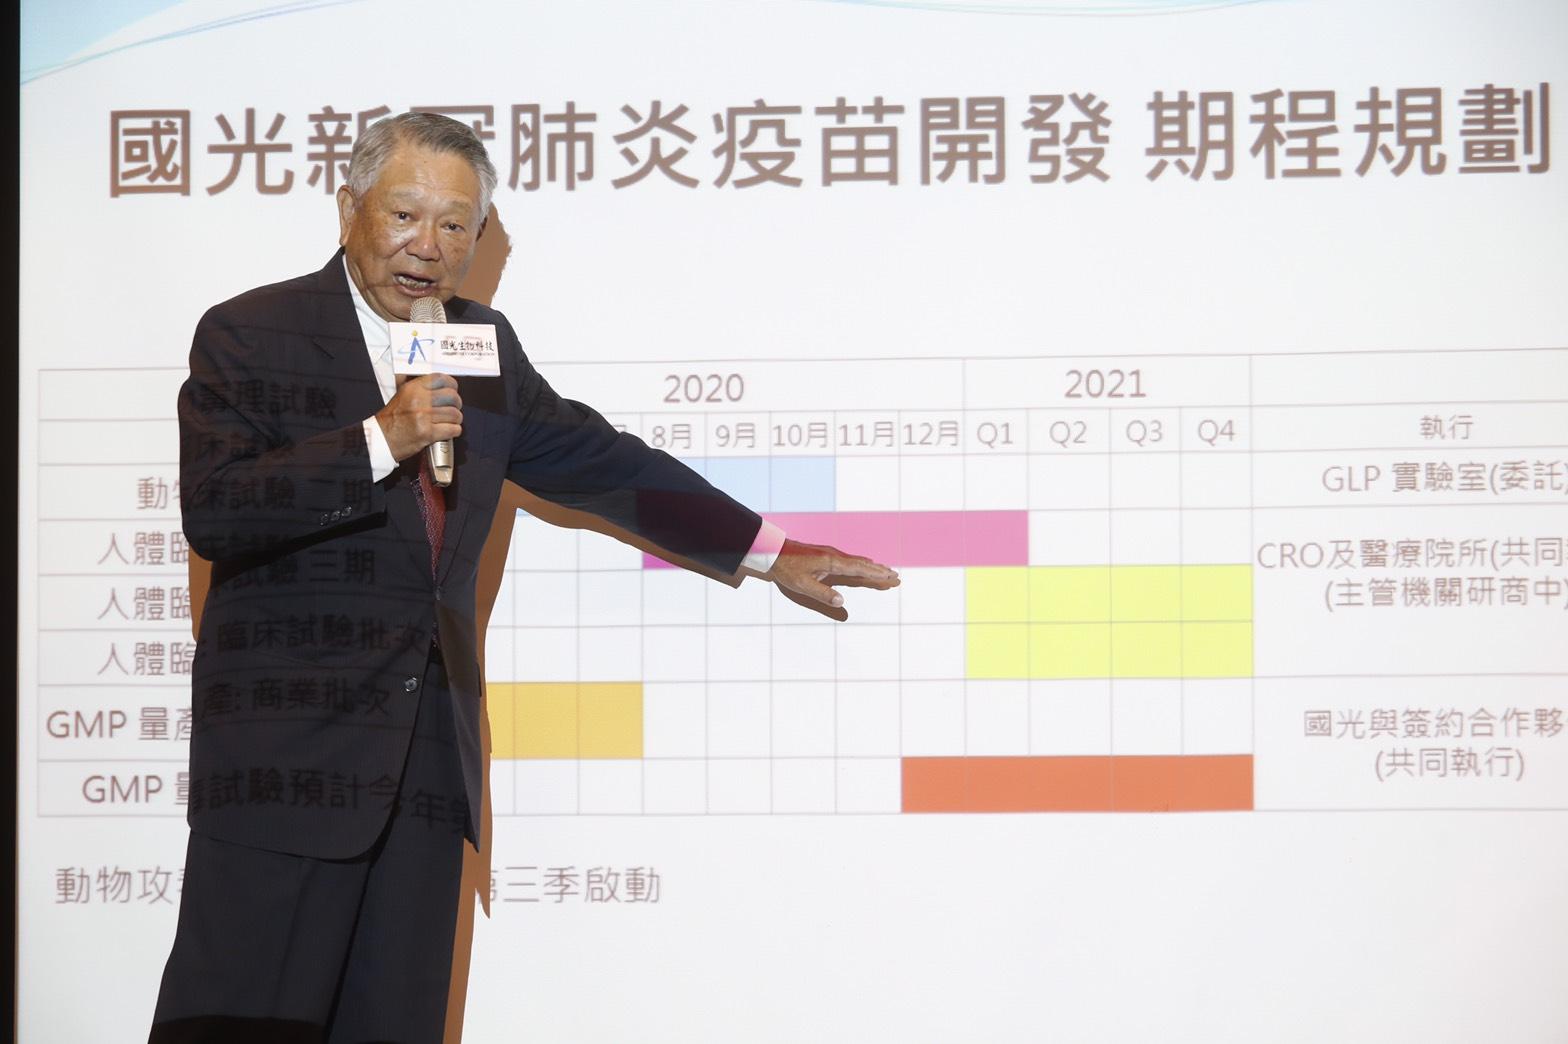 台灣新冠疫苗發光!國光生技:全部自主開發 明年準備上市 還可以外銷